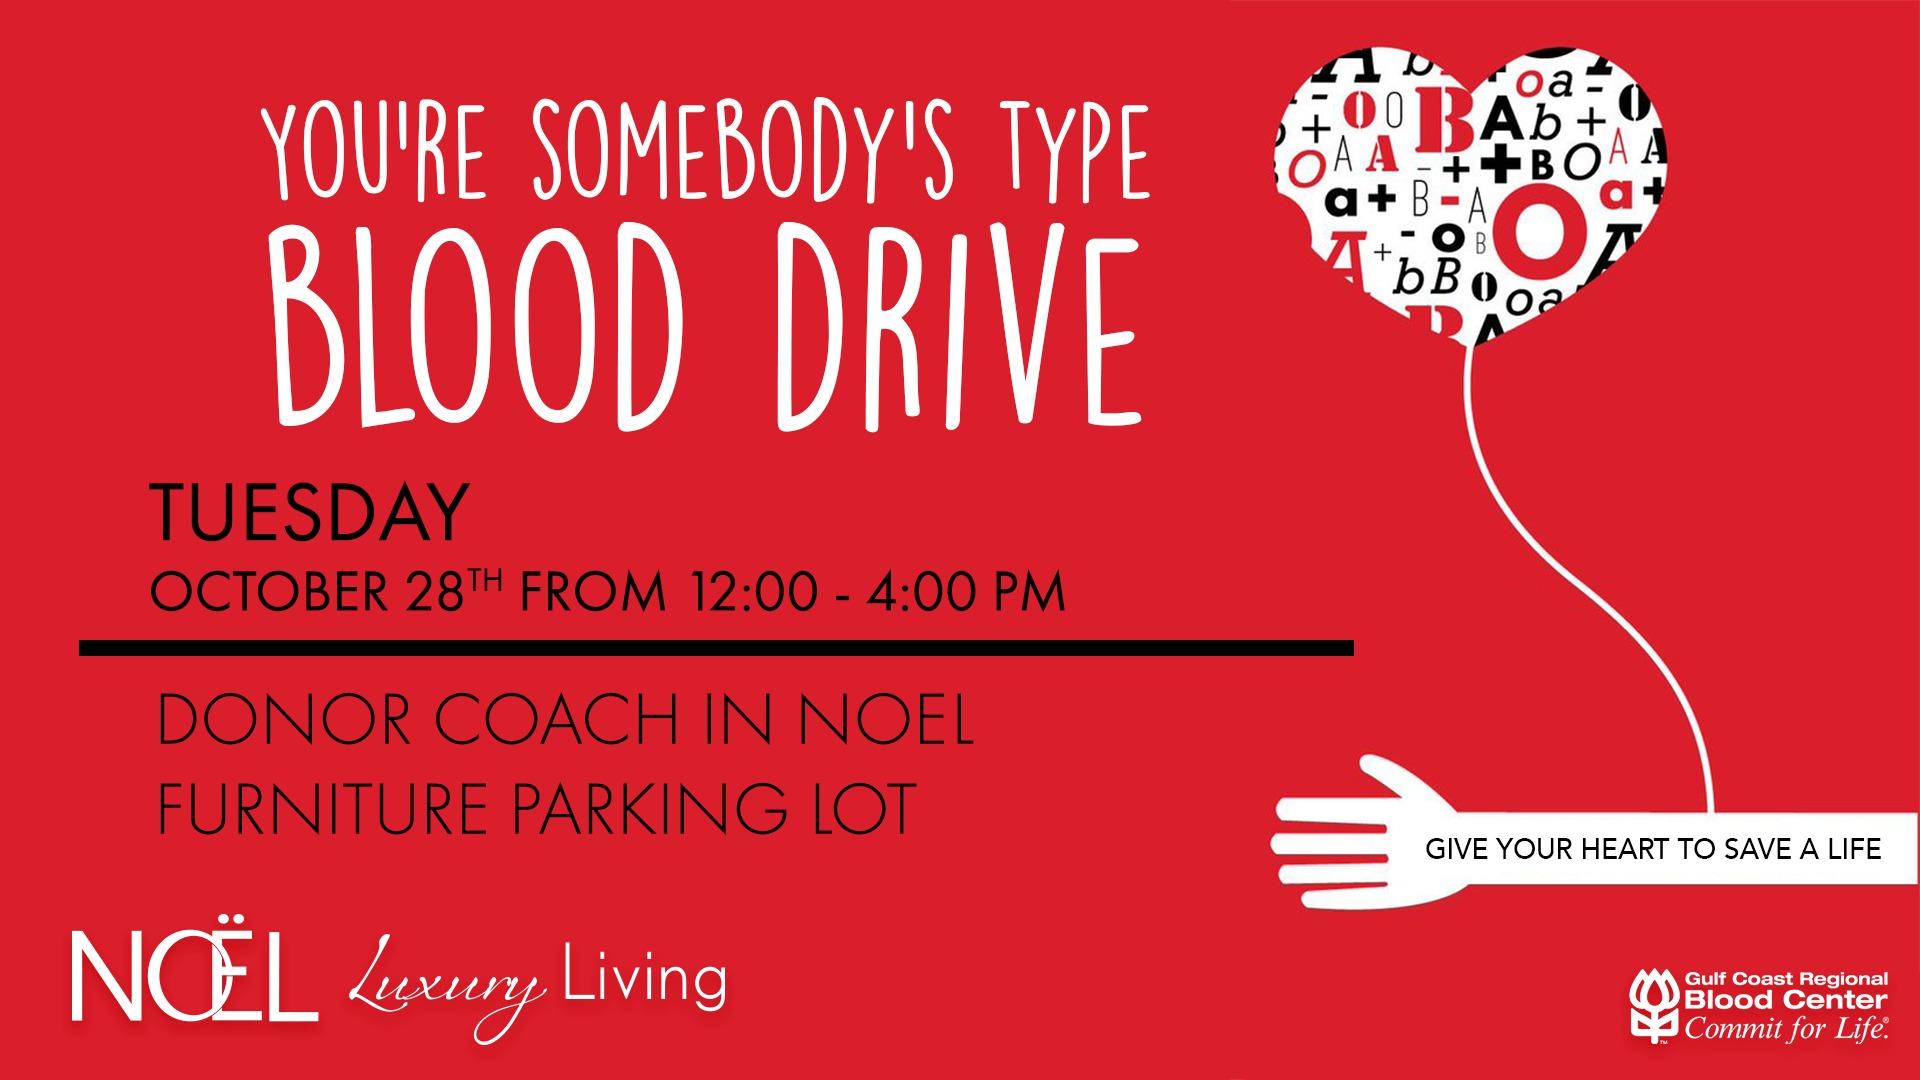 SAVE LIVES NOEL HOME BLOOD DRIVE OCTOBER 2018